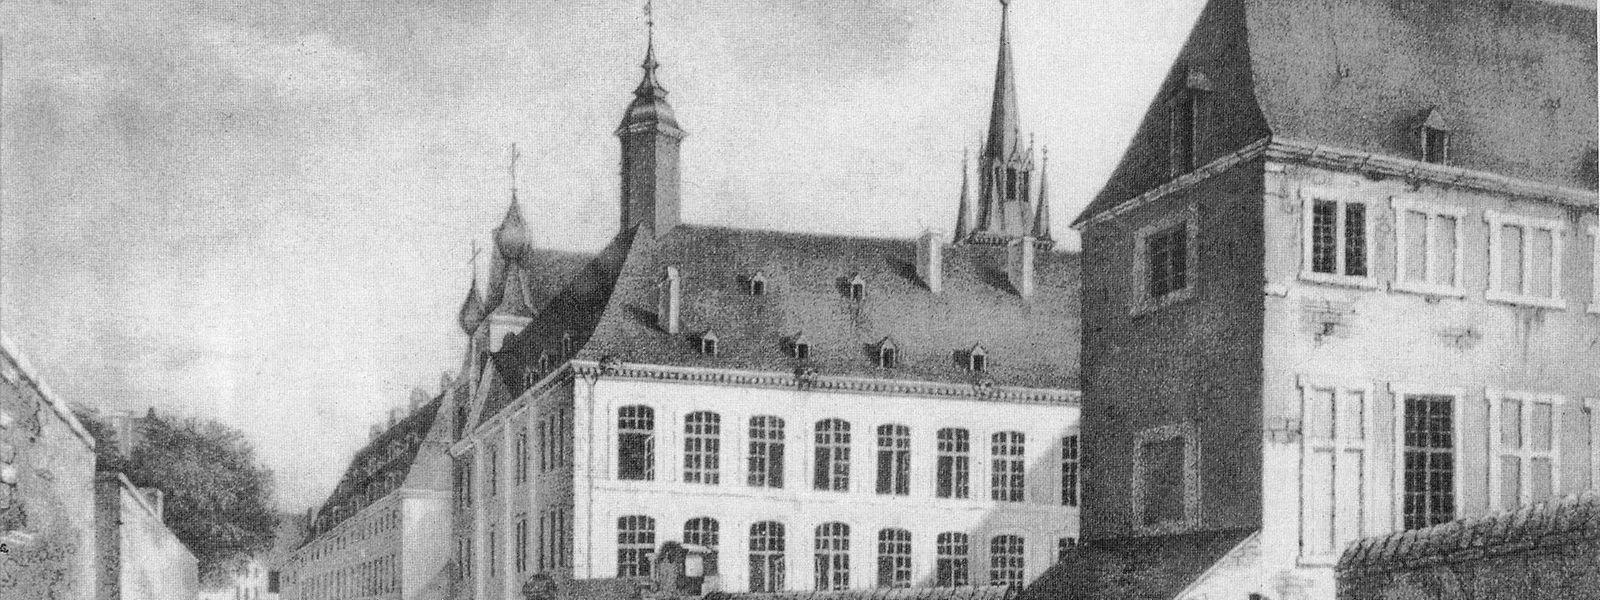 Die Sektionen des Institut Grand-Ducal versammelten sich um das Athenäum und übten im 19. und 20. Jahrhundert die Funktion einer Ersatzuniversität aus.